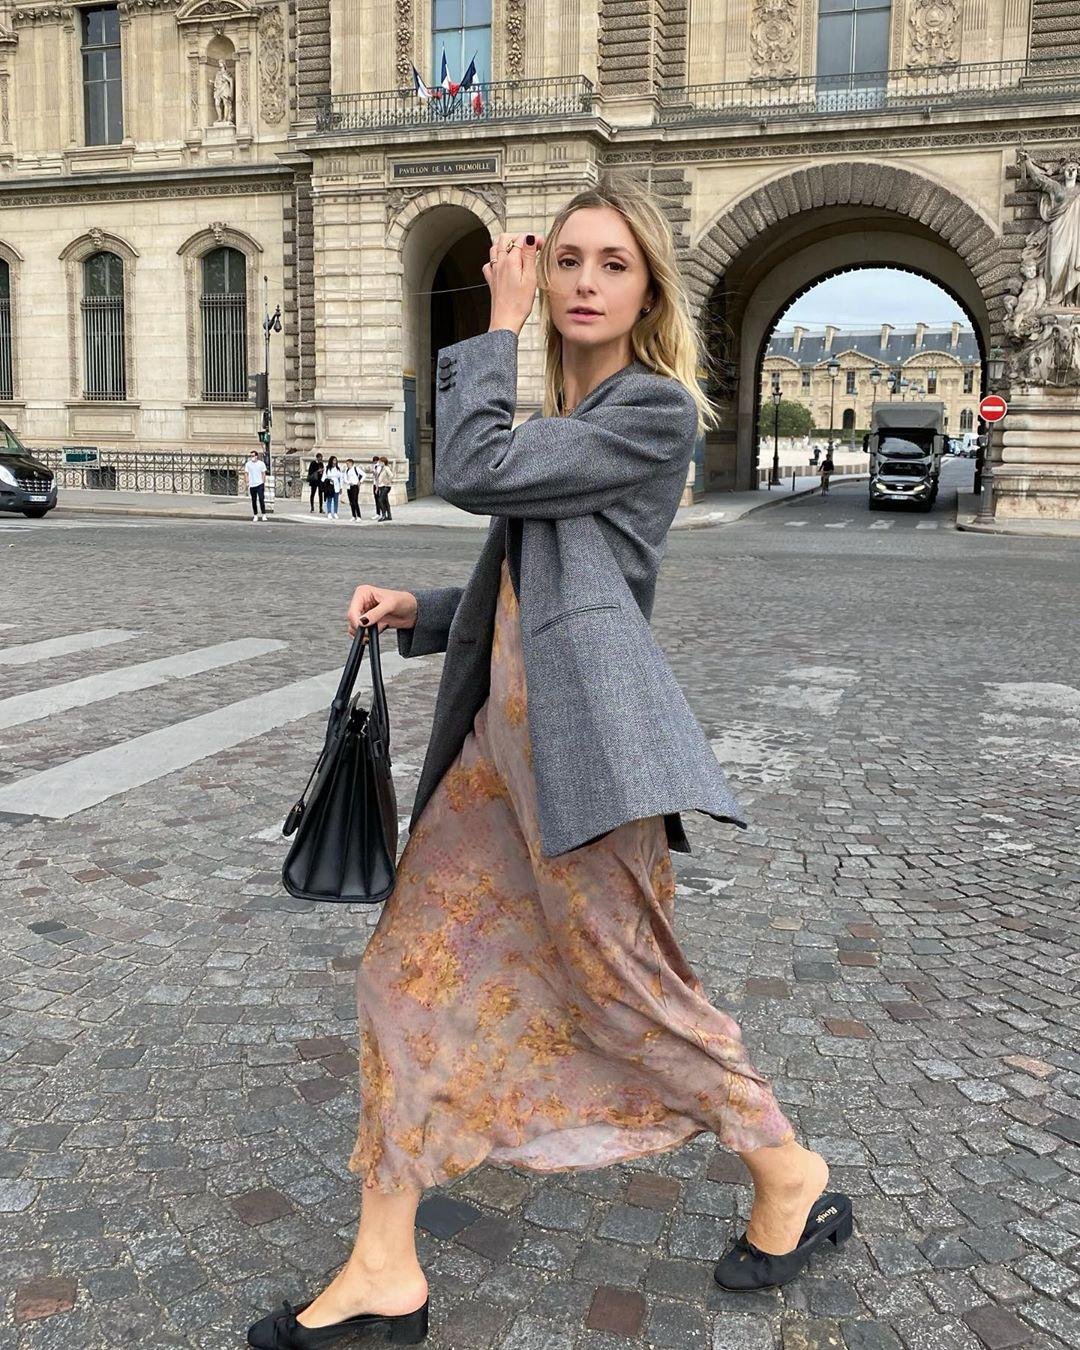 Trời se lạnh mà quẩy váy dáng dài là có style yêu kiều như gái Pháp, điểm sang chảnh tăng ngùn ngụt - Ảnh 6.